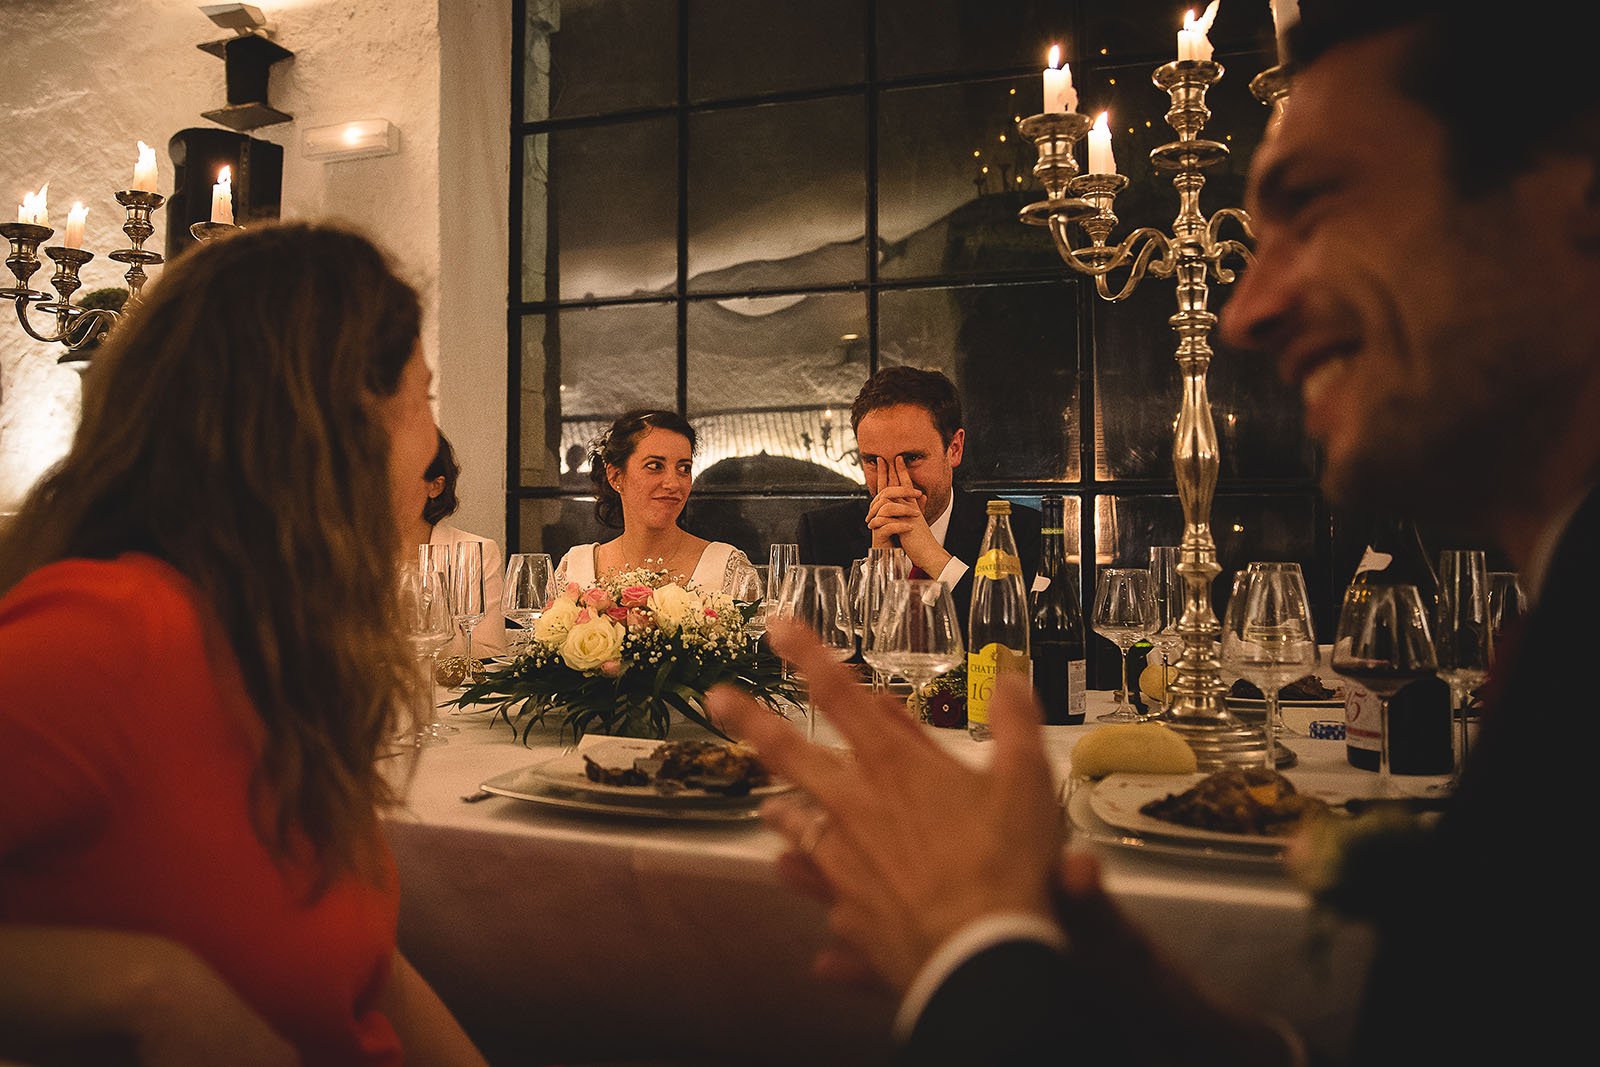 Mariage Château de Beauvoir. Le marié qui pleure en écoutant le discours de son frère. Beaucoup d'émotion. David Pommier photographe de mariage Allier